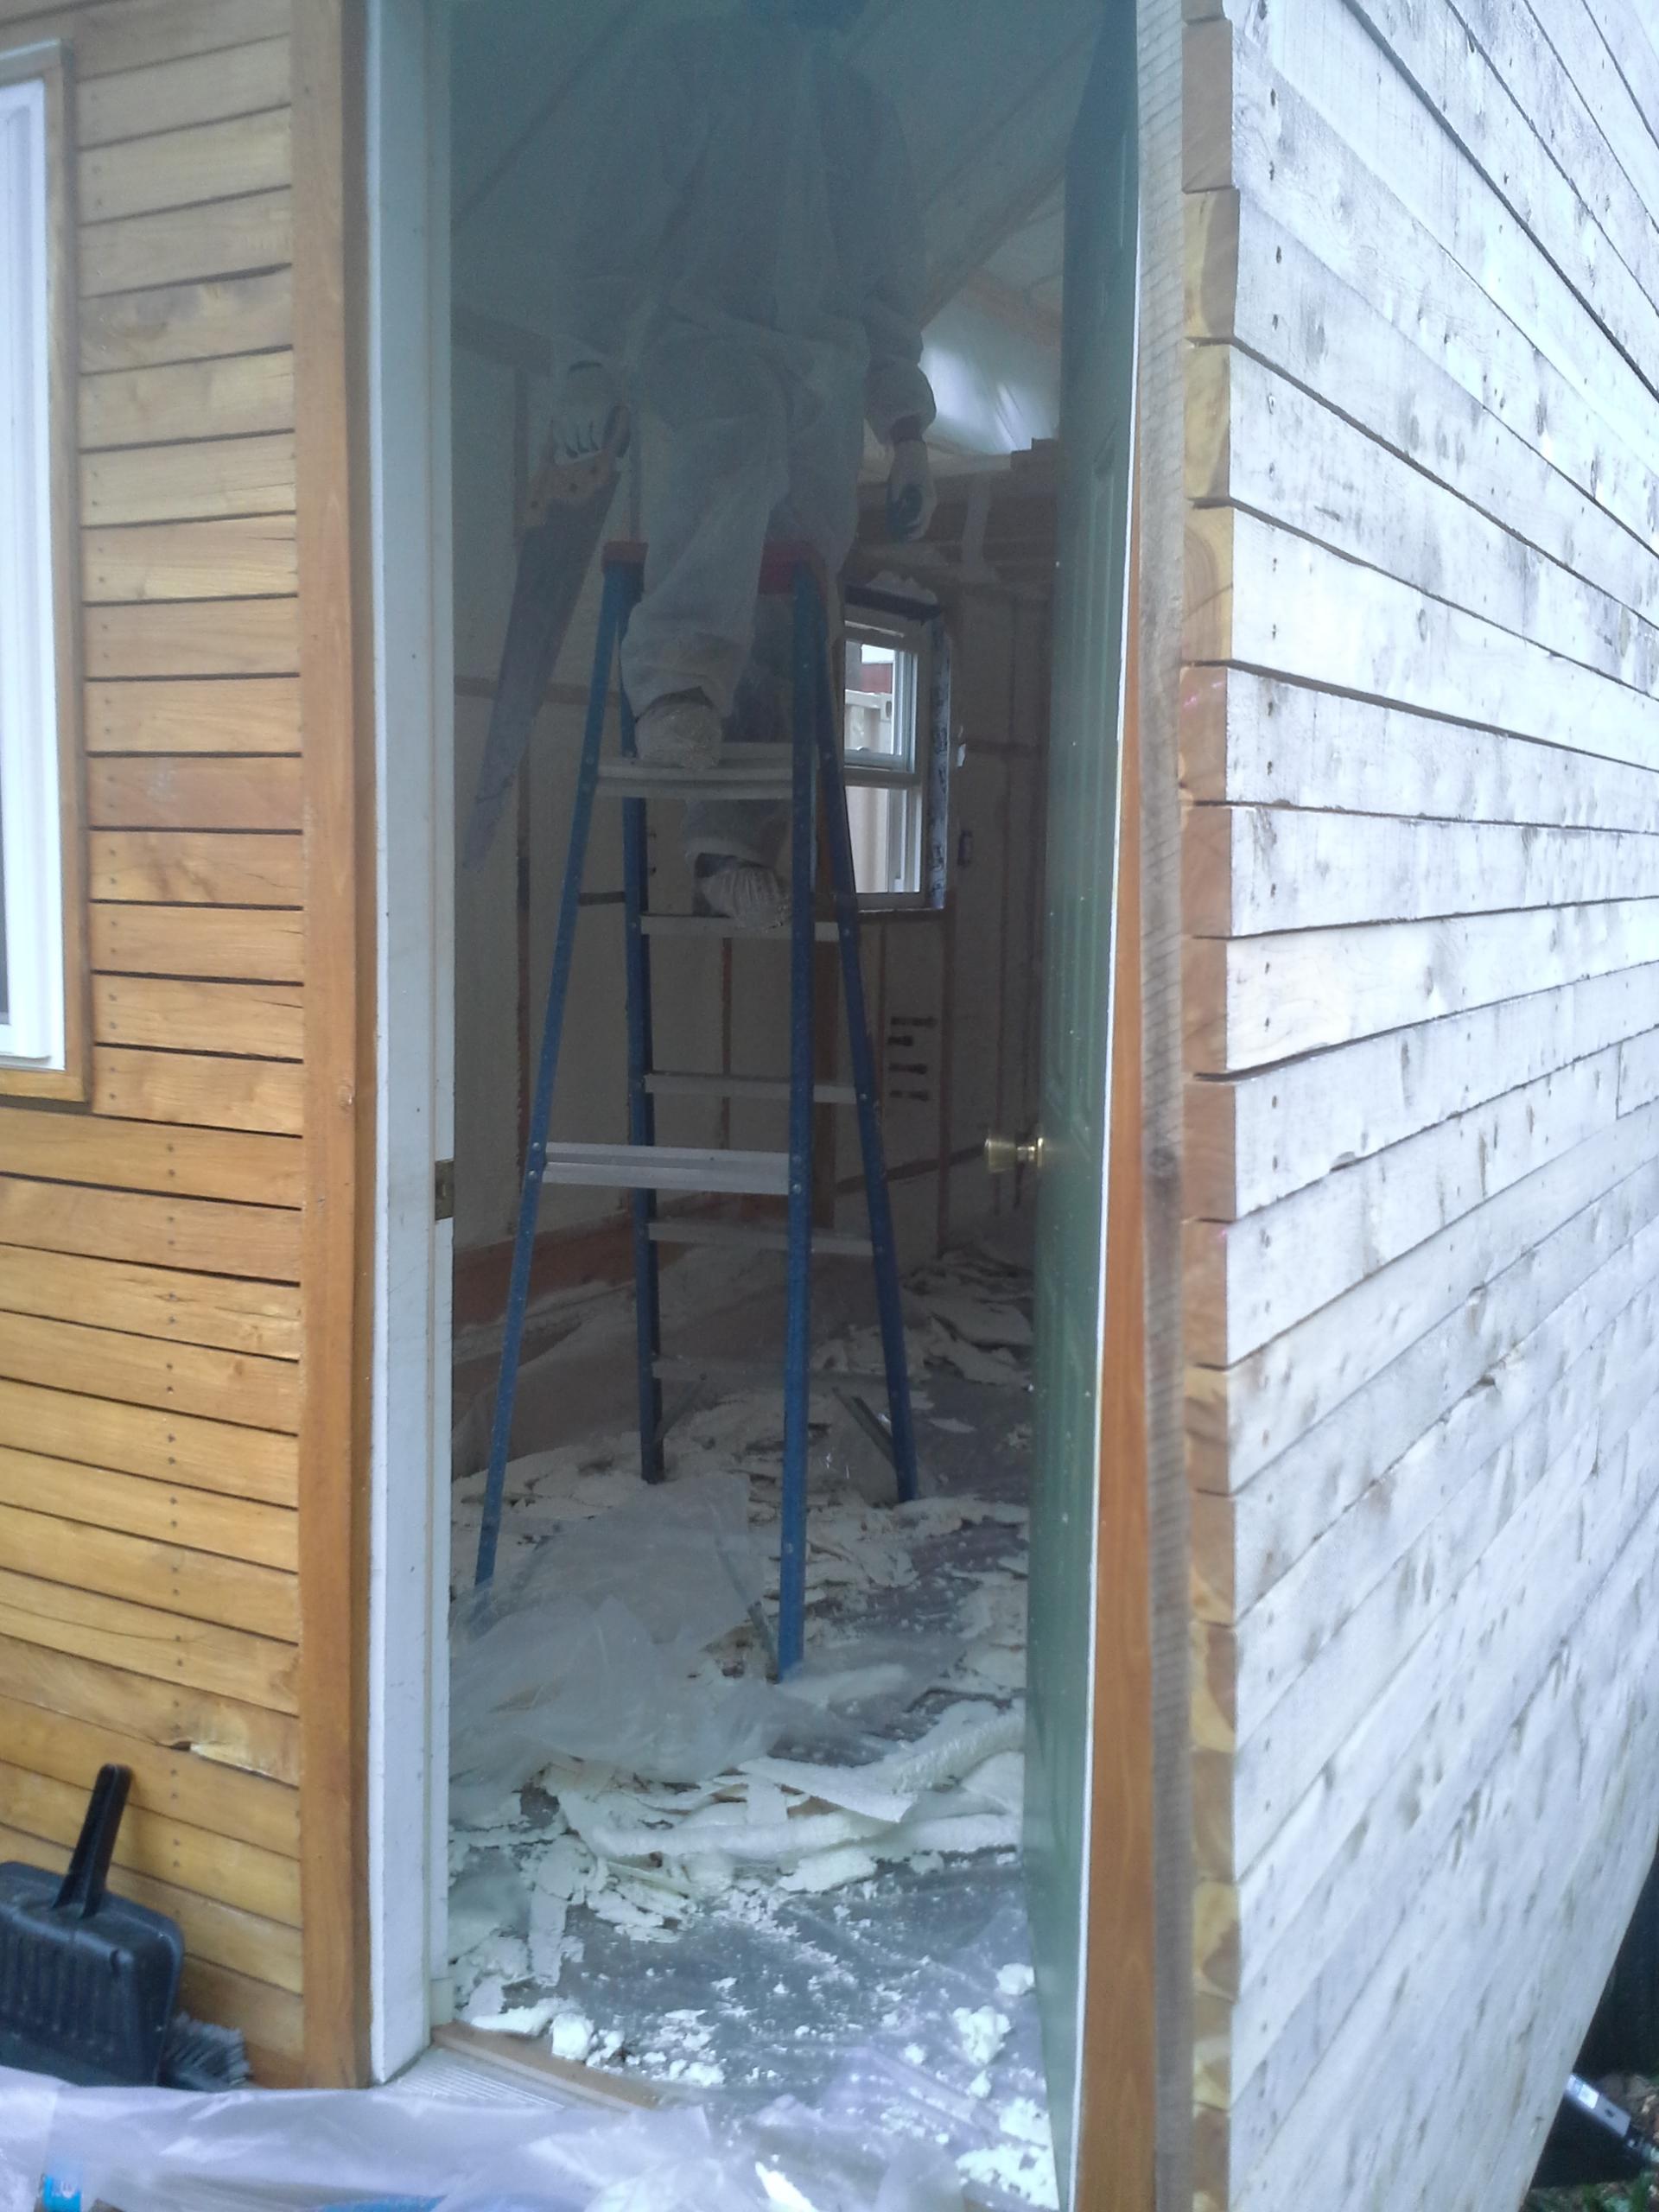 Foam insulation being installed